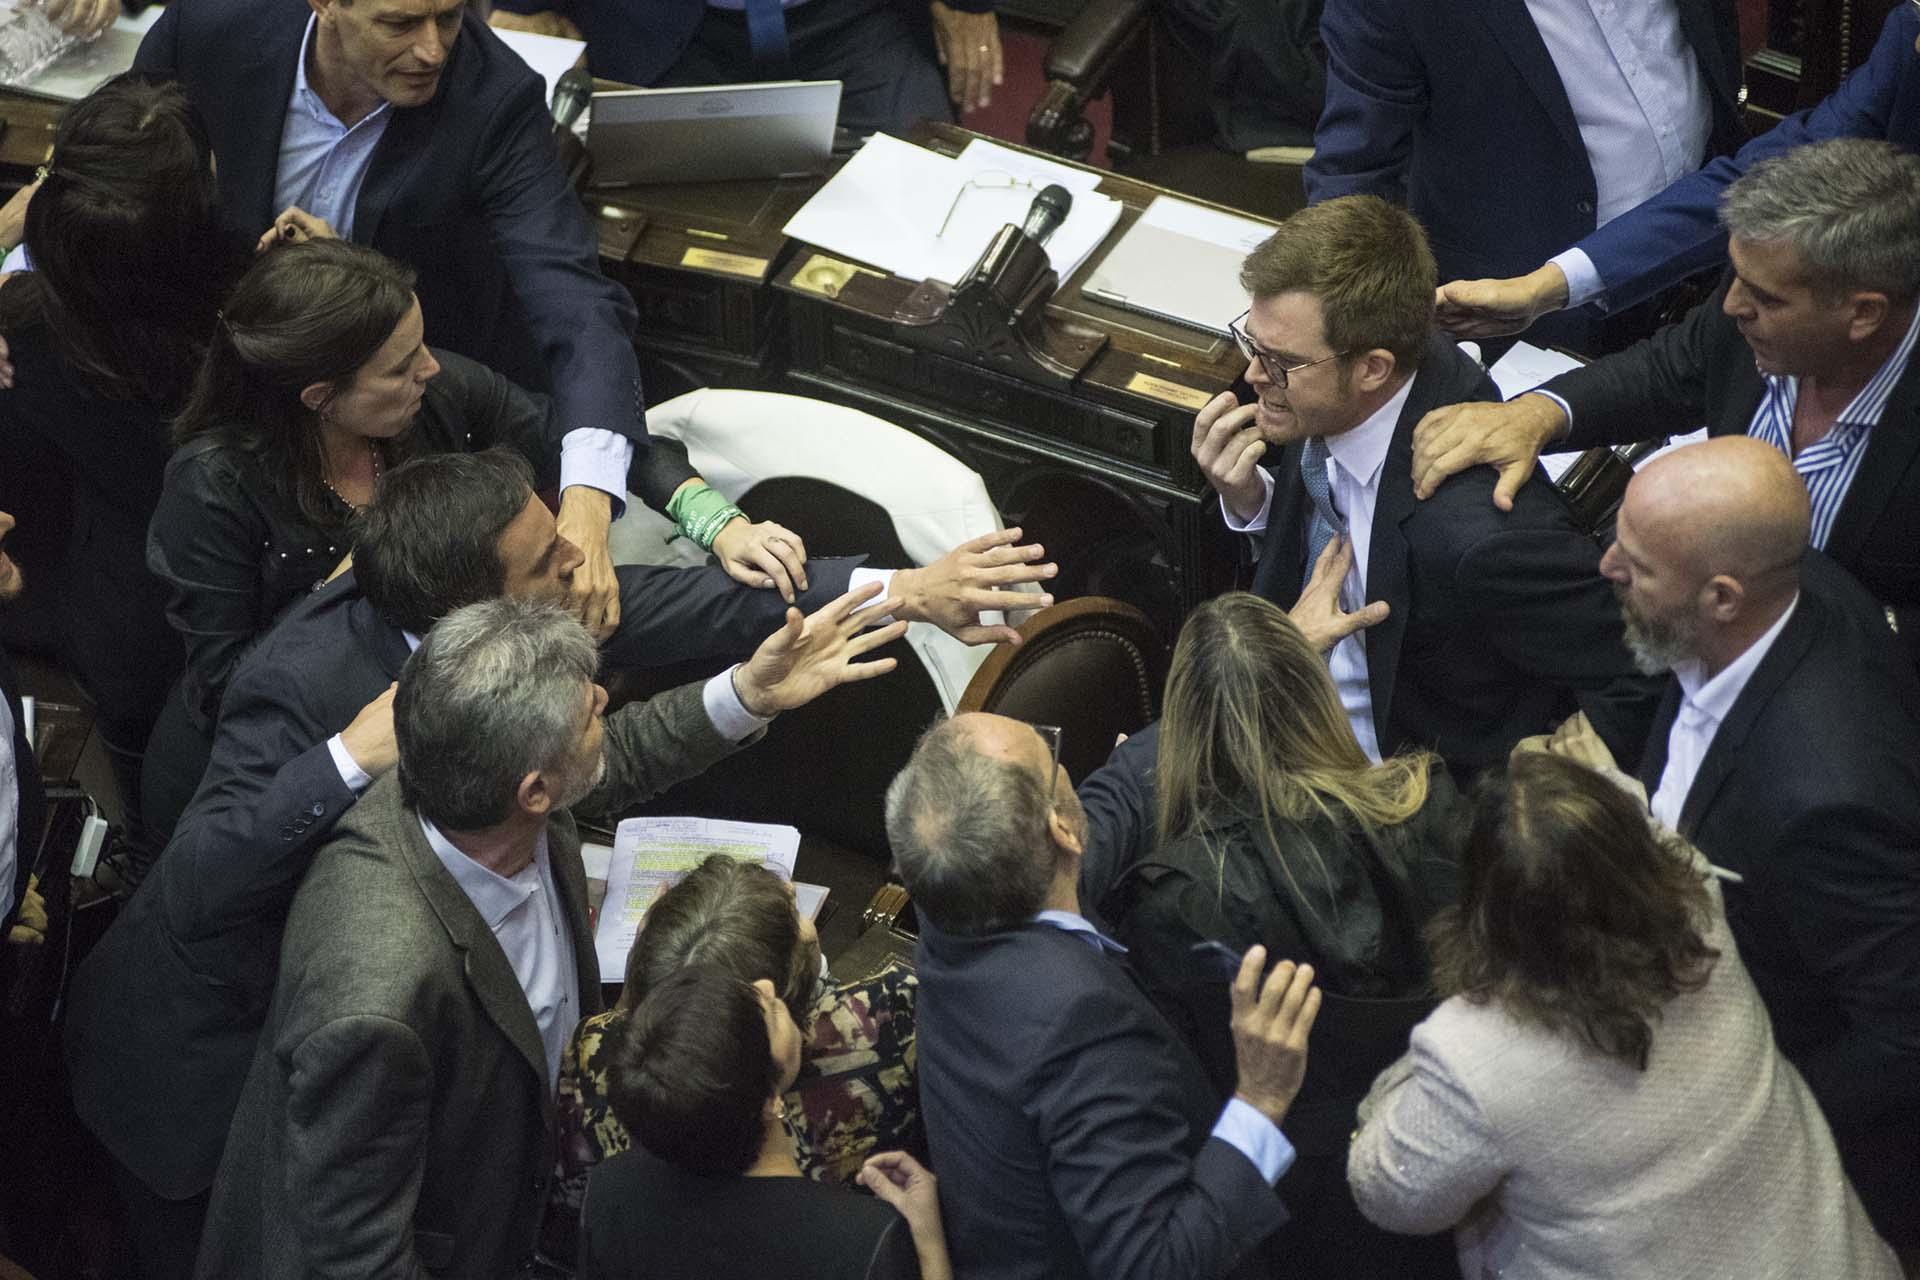 El diputado de Cambiemos Nicolás Massot y el legislador de Unidad Ciudadana Daniel Filmus protagonizaron un tenso cruce que derivó en el pase a cuarto intermedio en la sesión en la que la Cámara Baja discutía la media sanción del Presupuesto 2019 (Manuel Cortina)